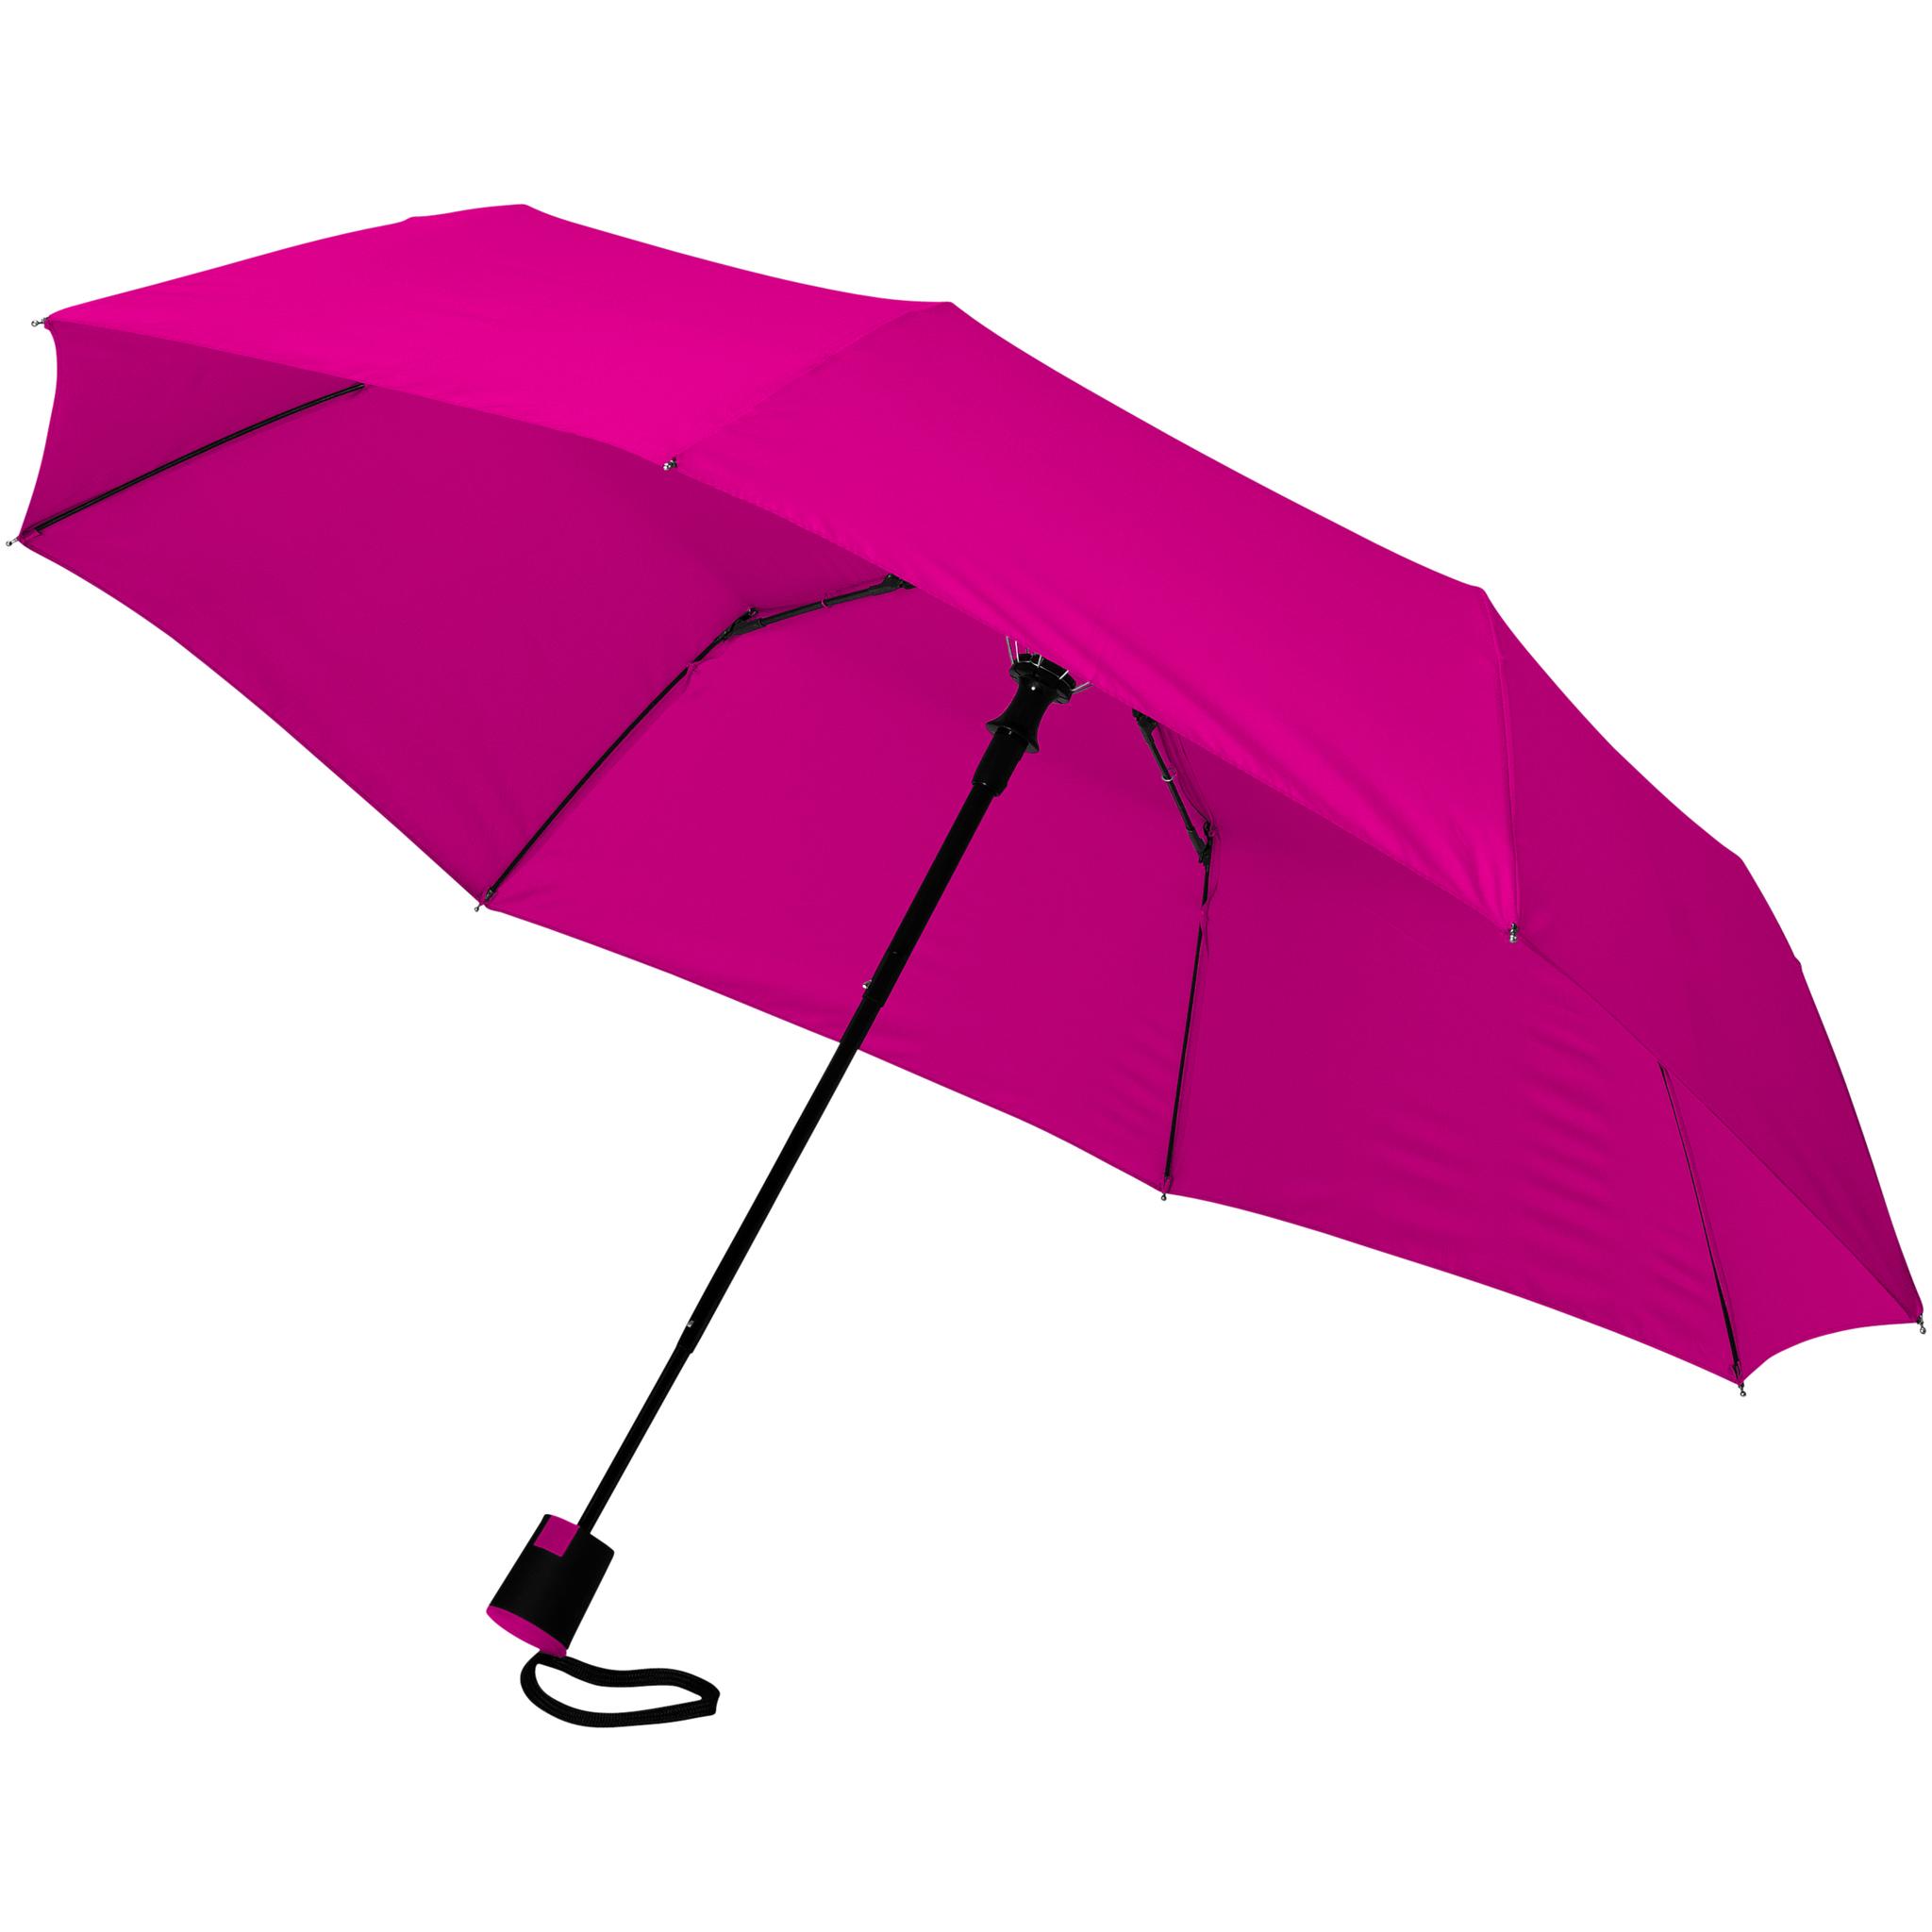 Raindrops sadepilvi kaulakoru kulta-vaaleanpunainen peili